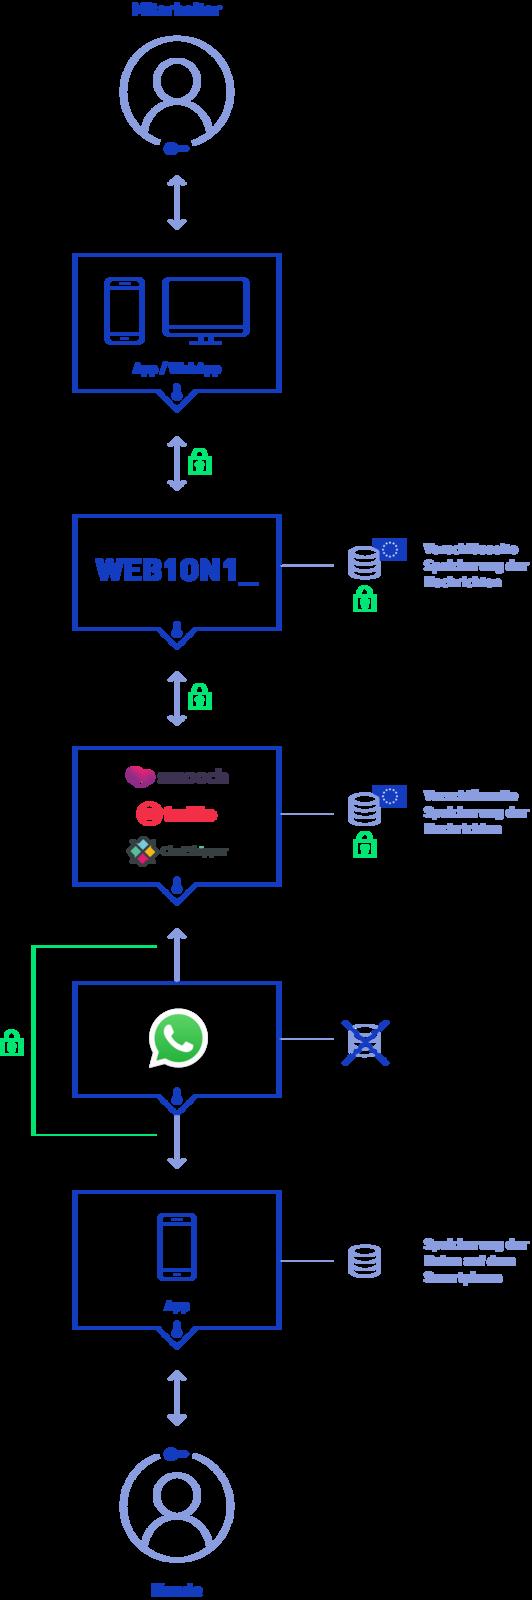 Web1on1 Whatsapp Business Schema